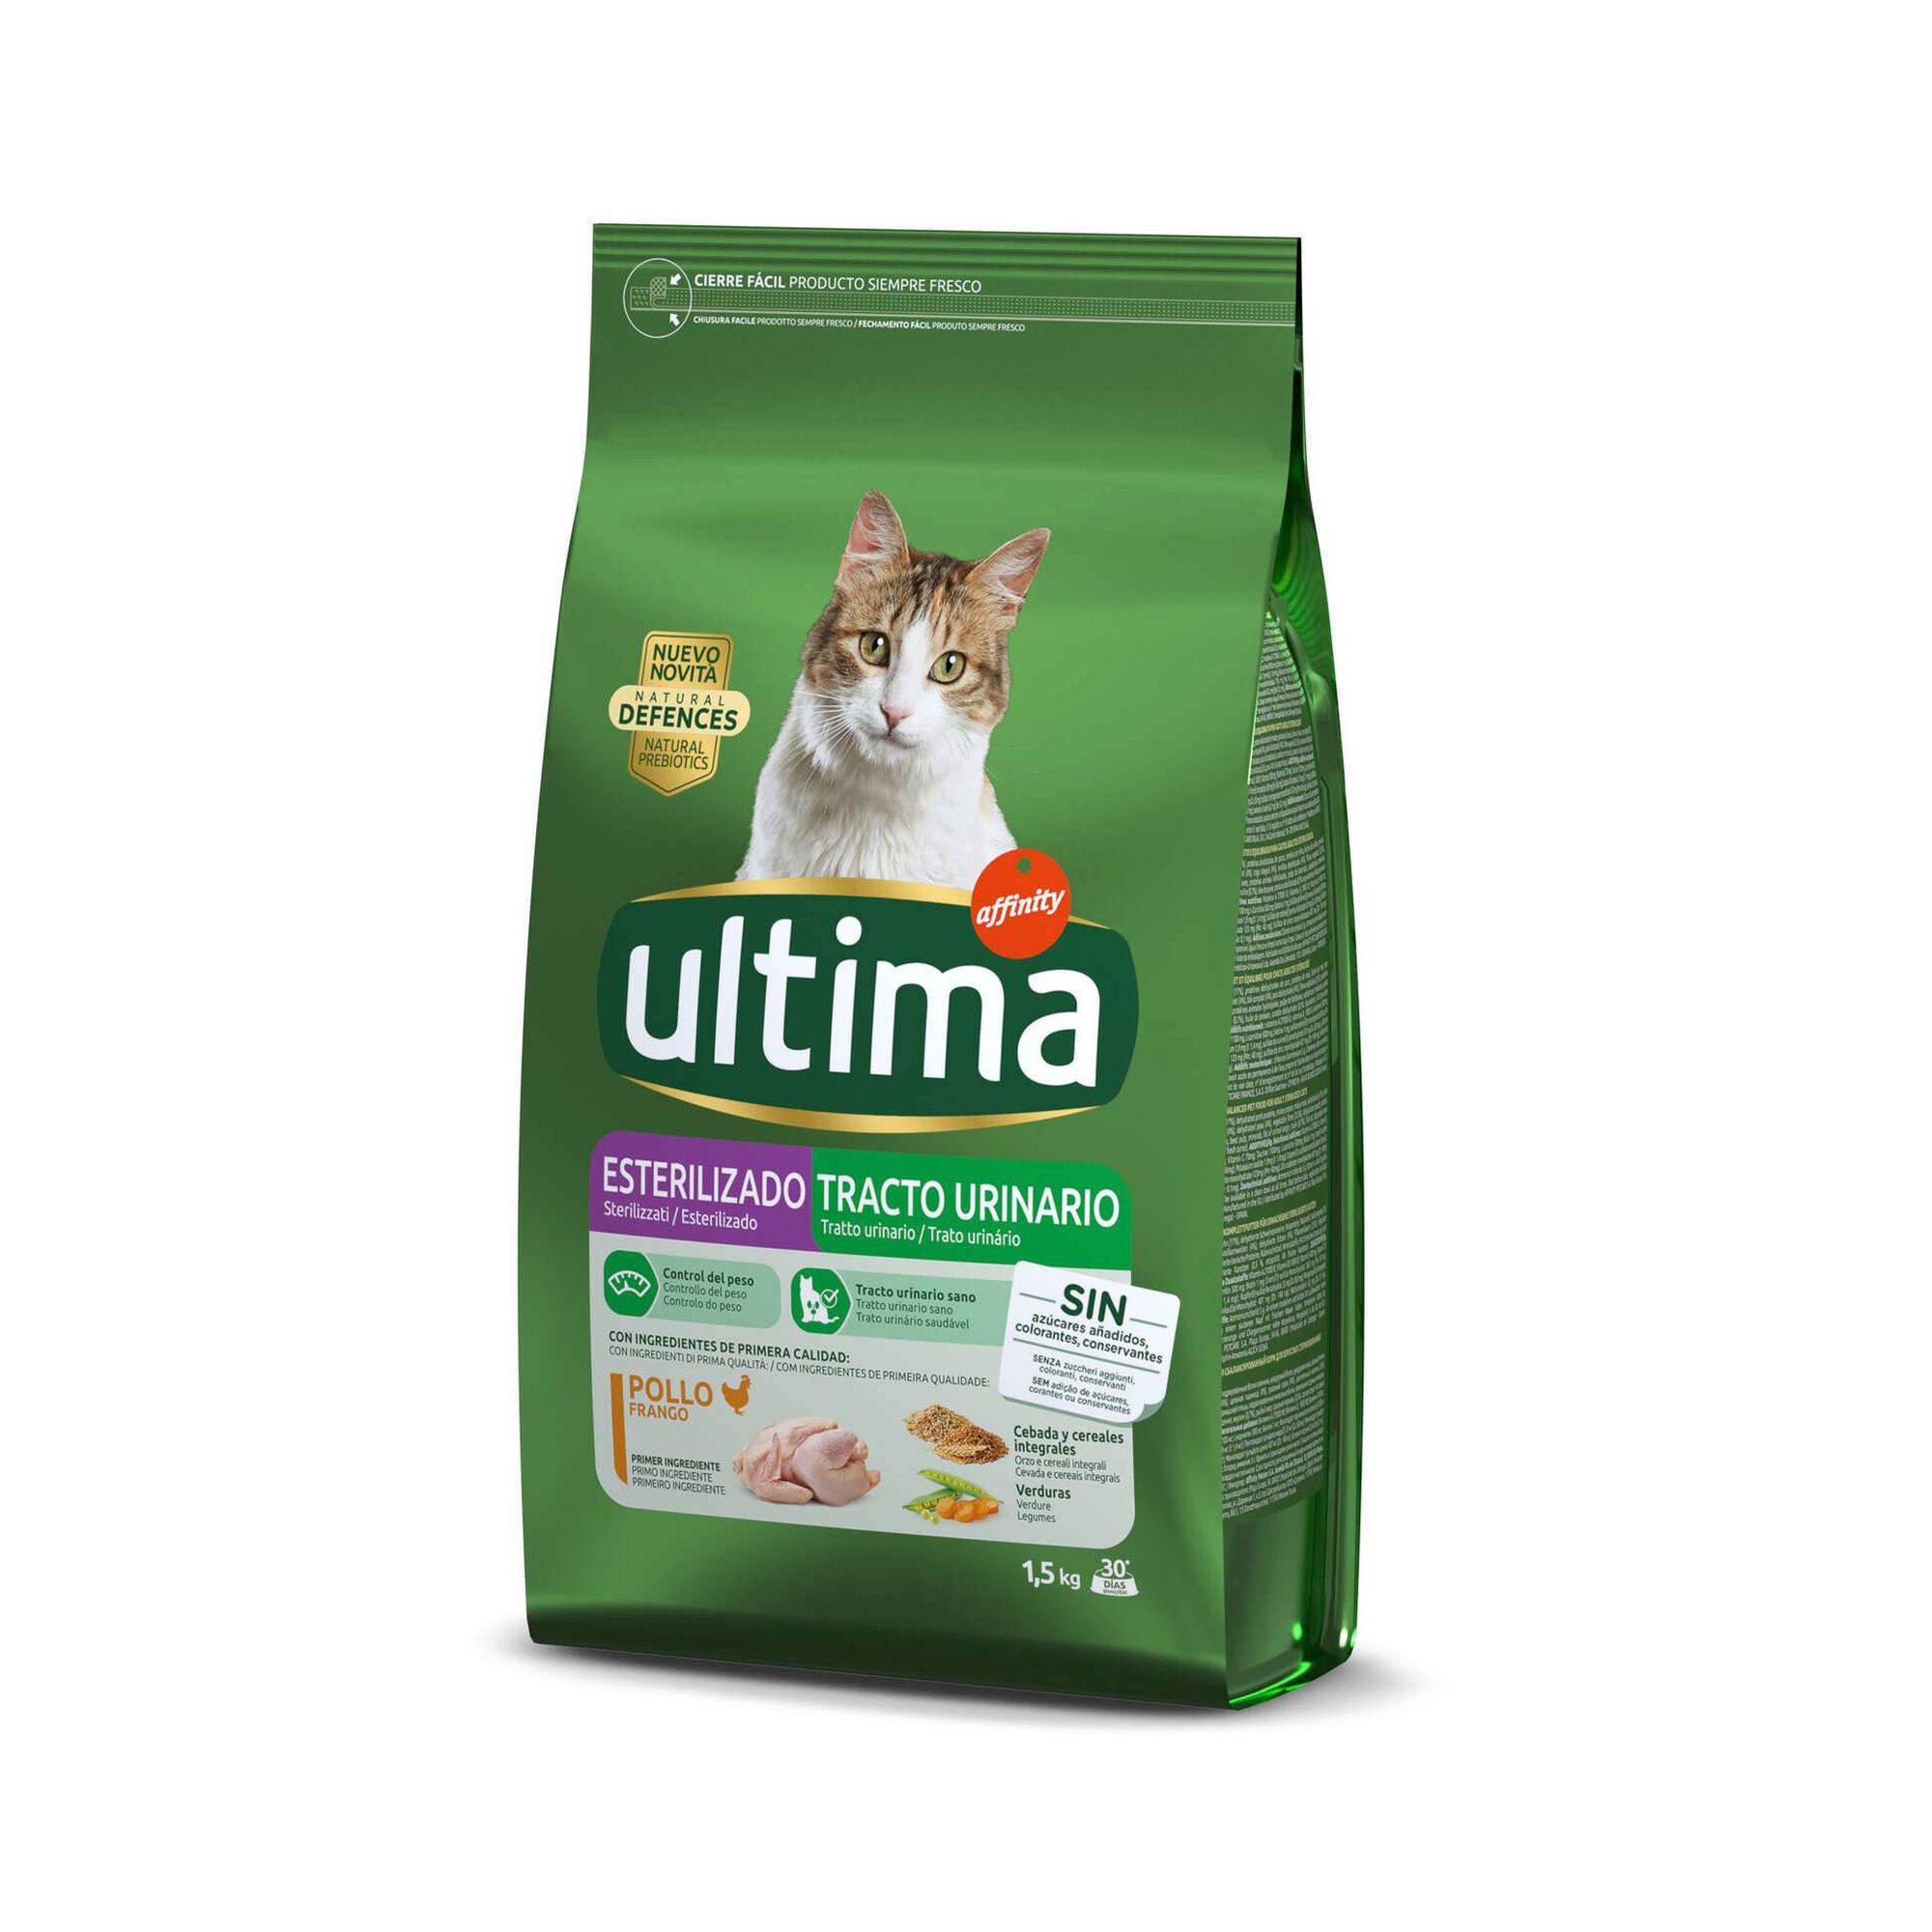 Ração para Gato Ultra Esterilizado Trato Urinário